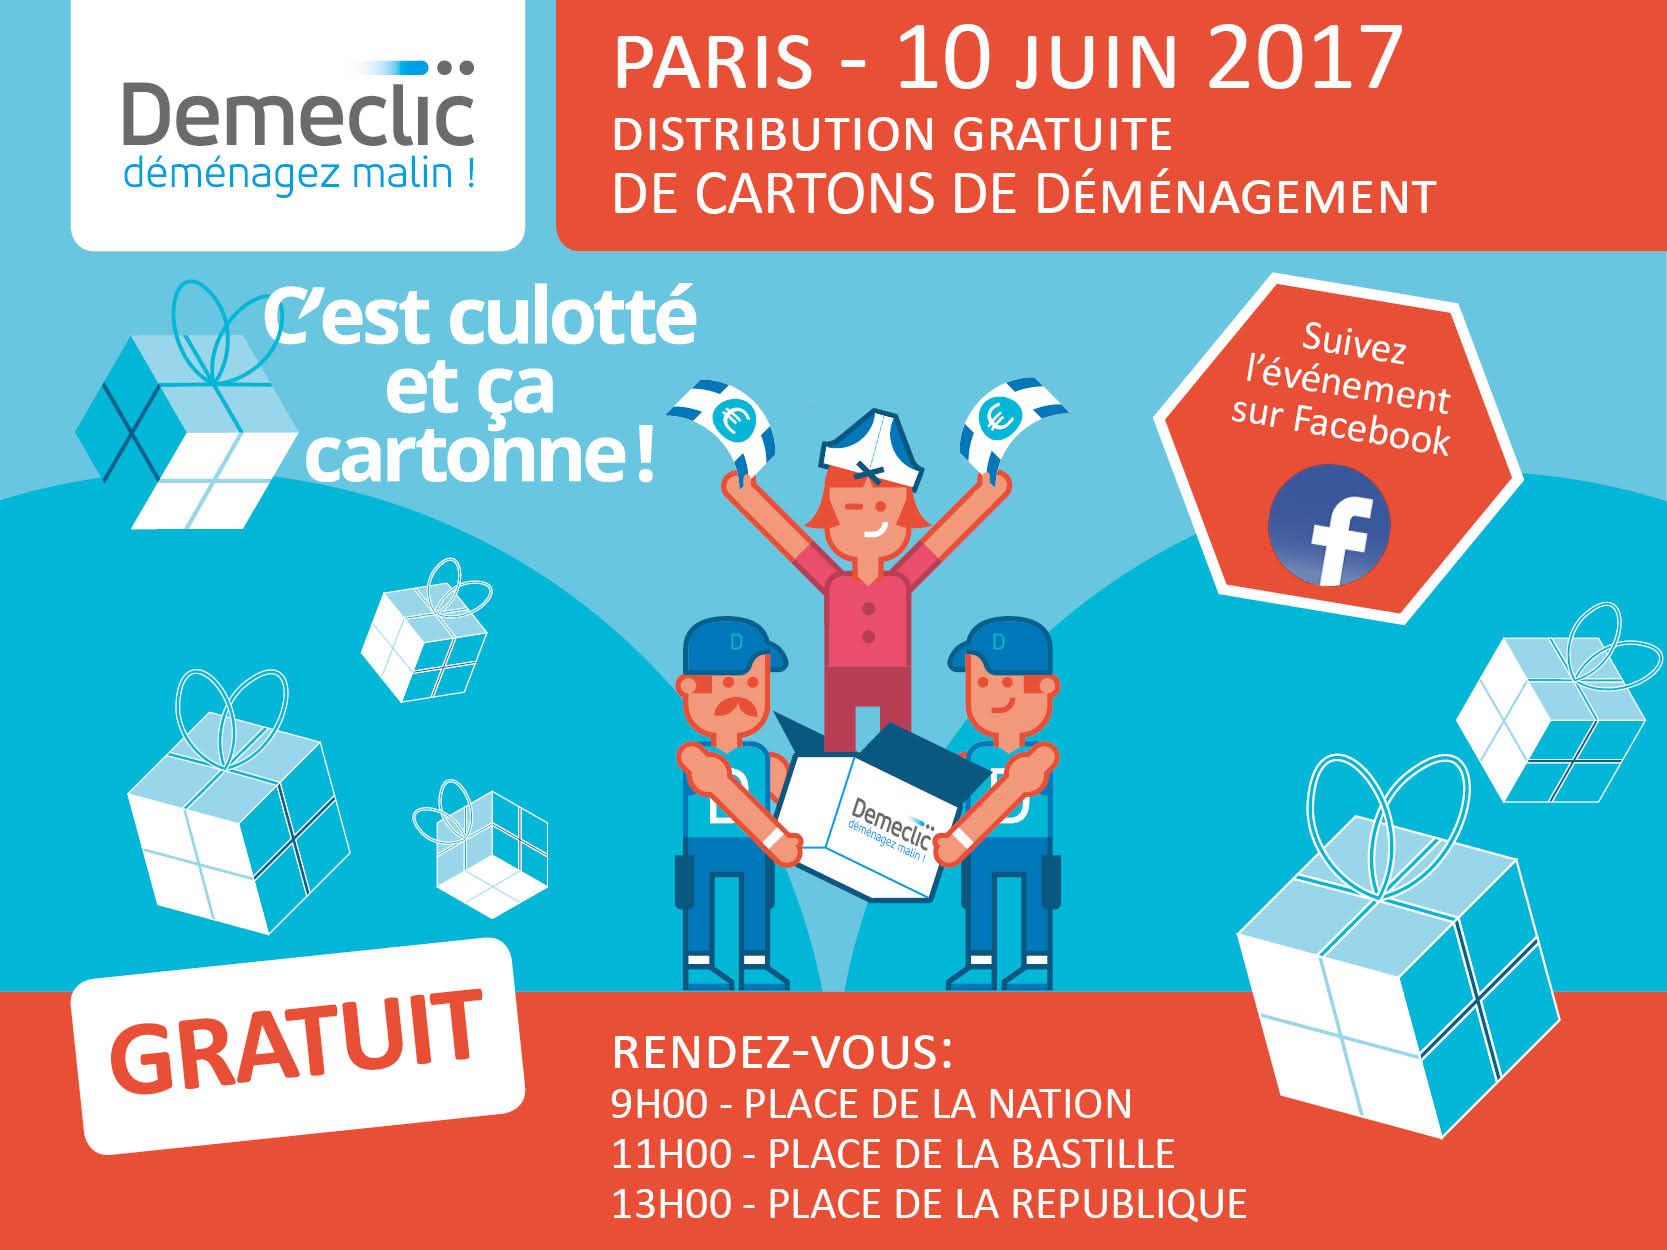 Ça déménage : Déméclic distribue des cartons  gratuits en plein Paris